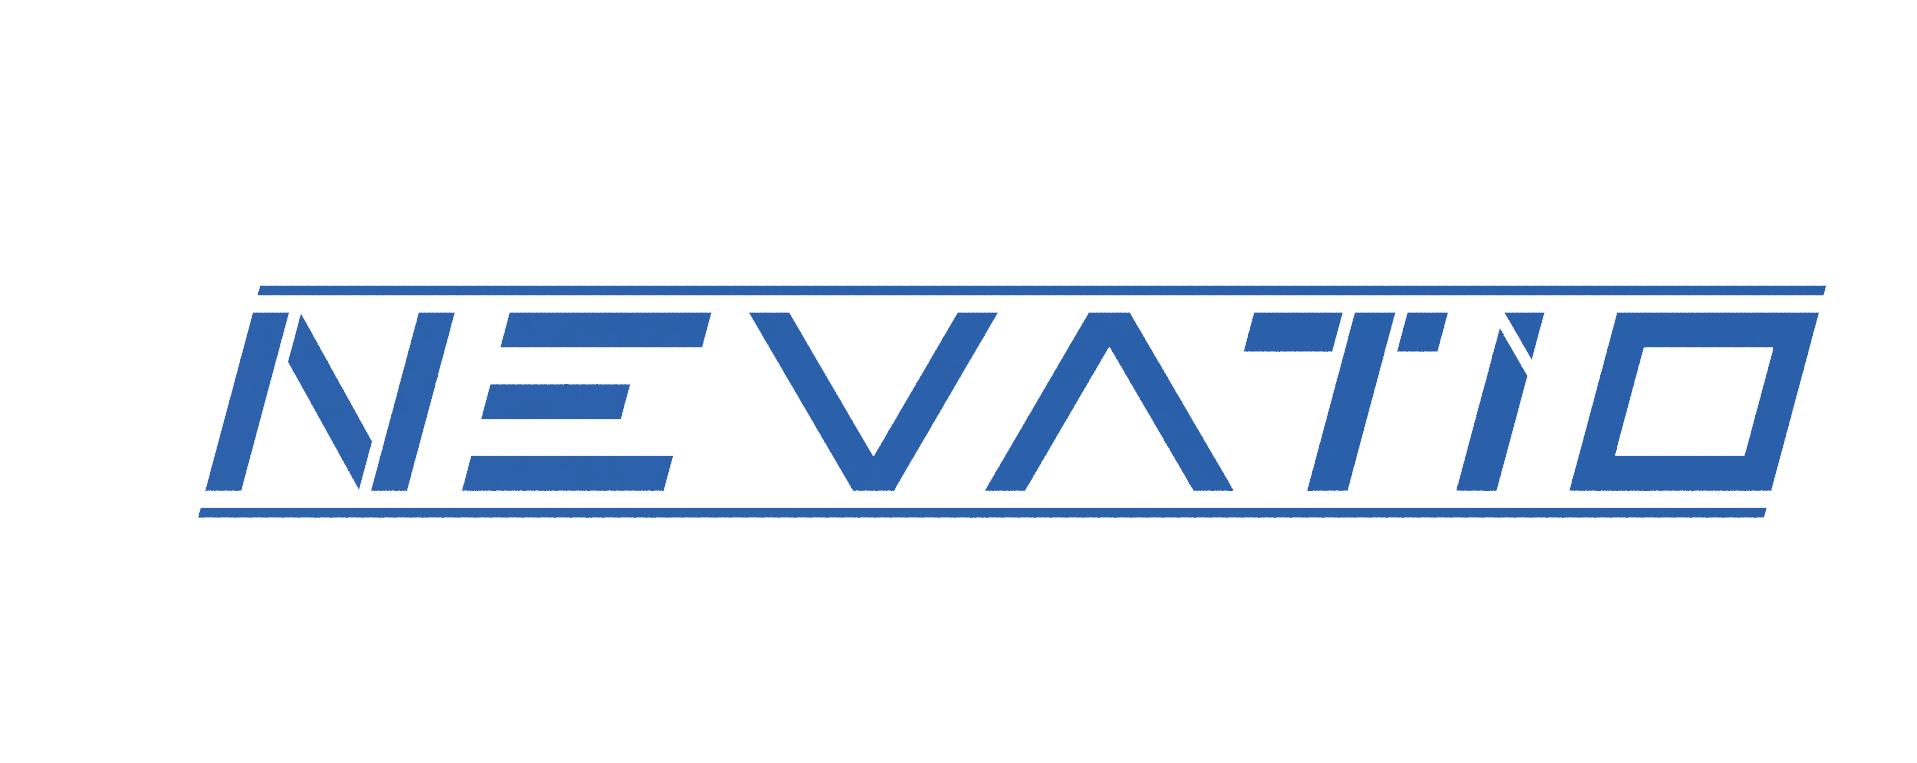 NEVATIO_3_2021-Jun-10_10-47-48PM-000_CustomizedView32679484701